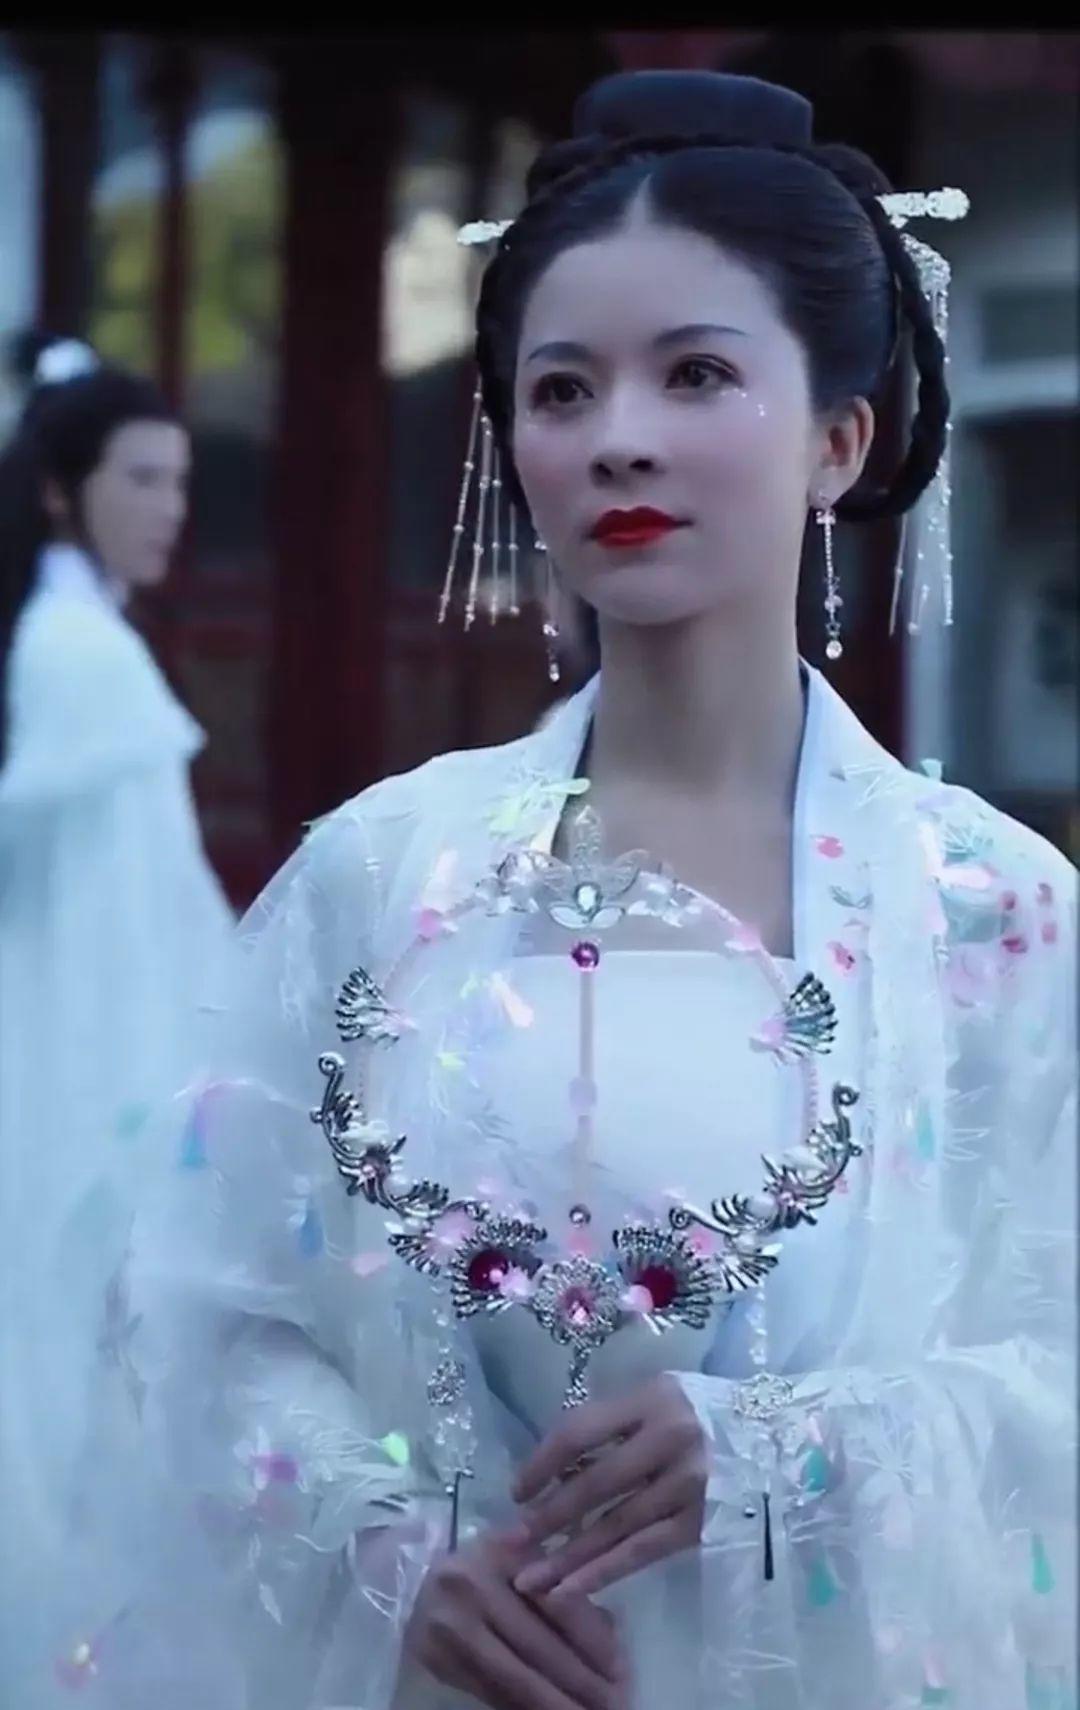 """古风短剧狂揽粉丝931W,""""古风+""""如何让红人脱颖而出?"""